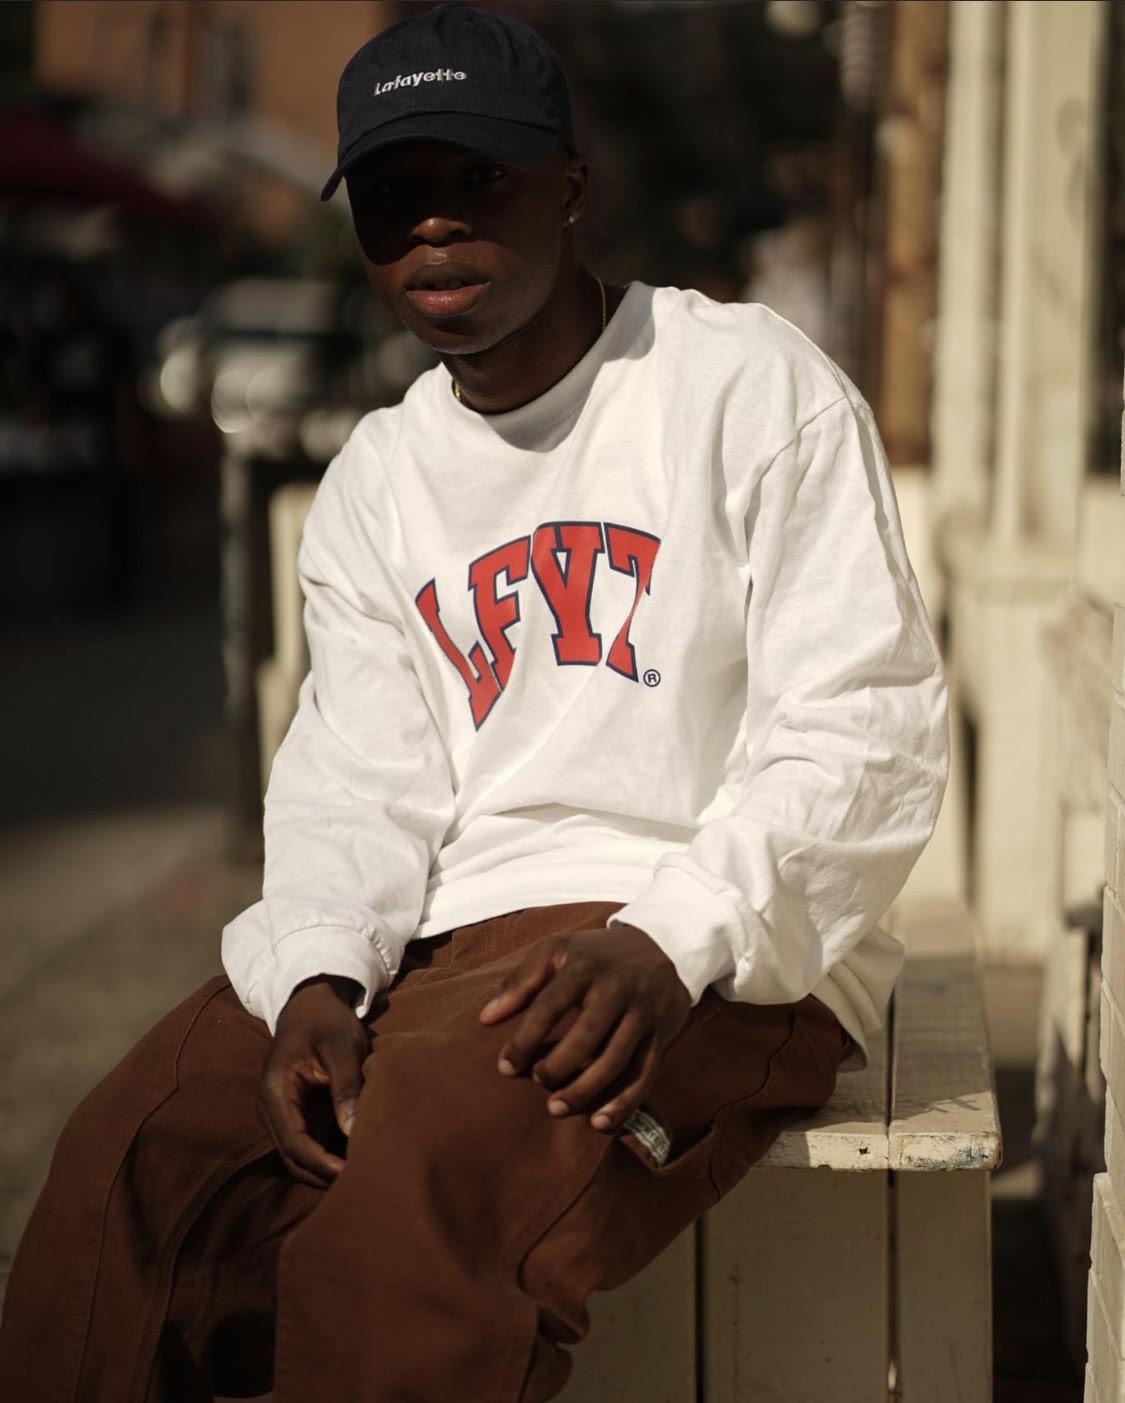 Hdx24 in lfyt white sweatshirt